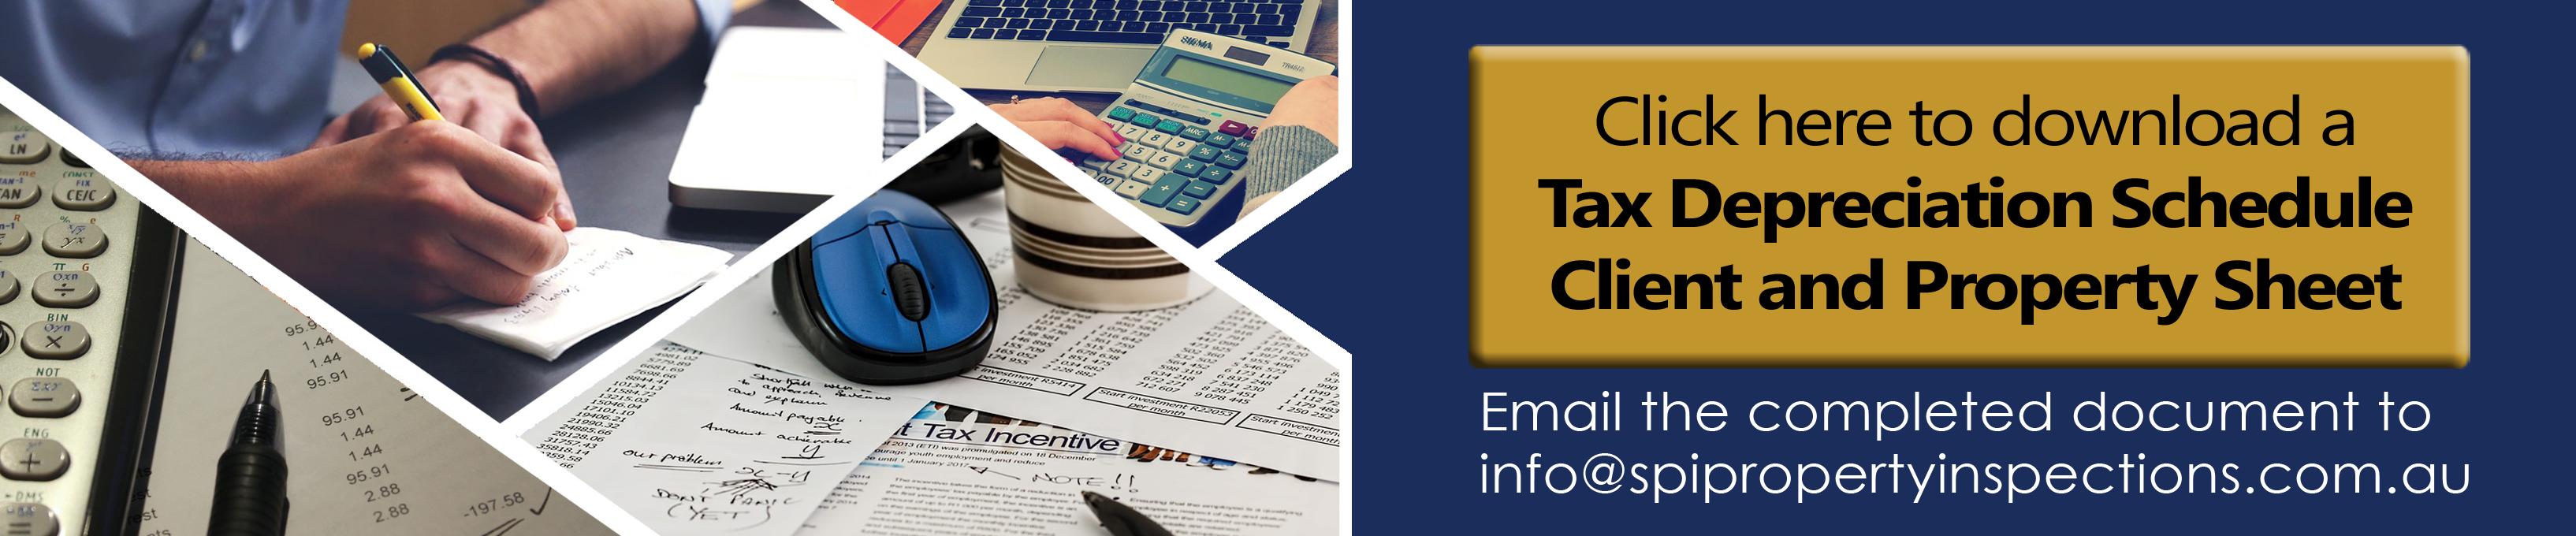 Tax Depreciation Schedule button